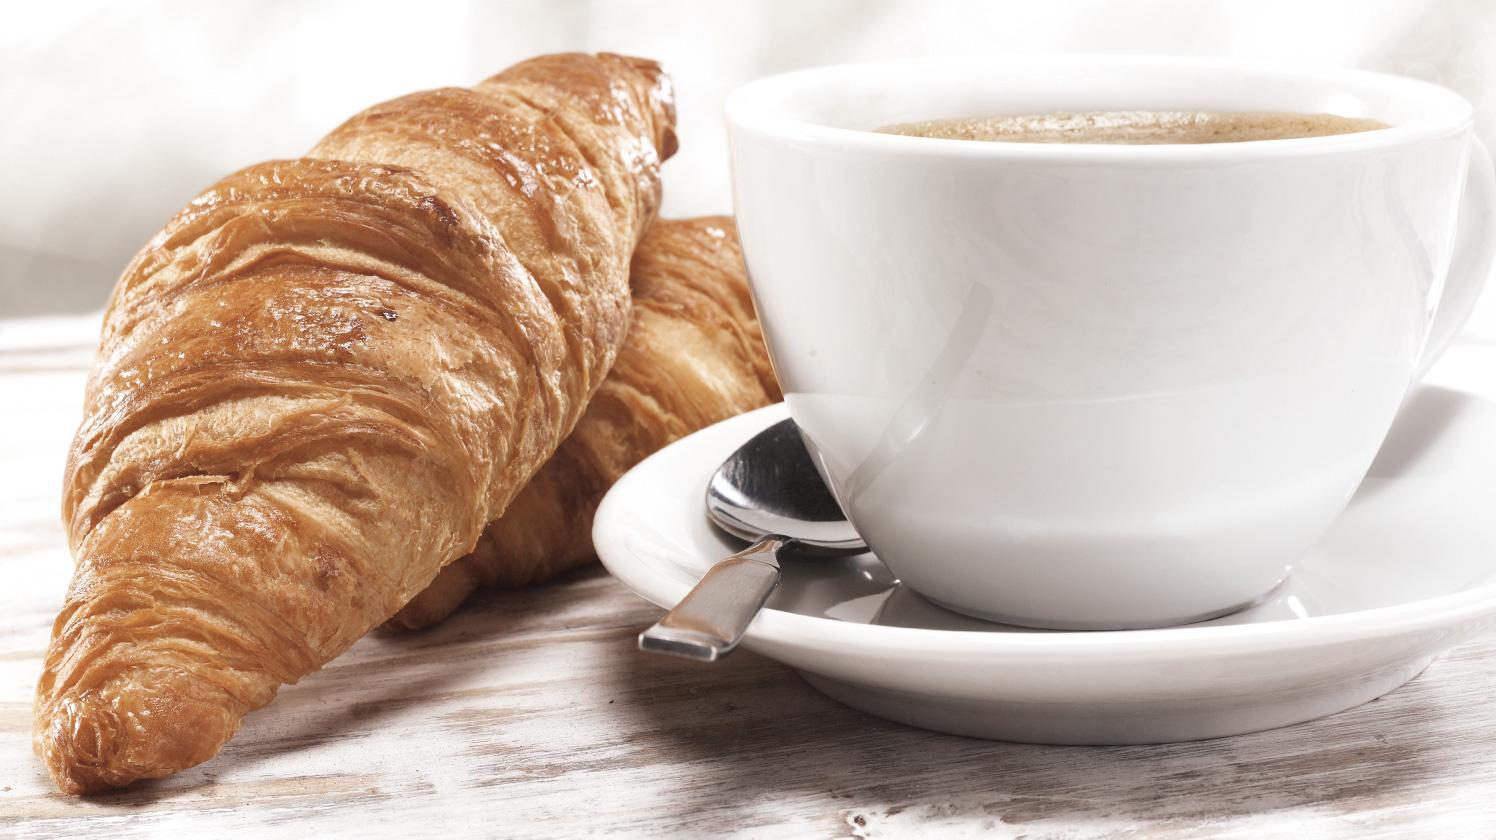 BRITA agua cafetería y panadería café y cruasanes